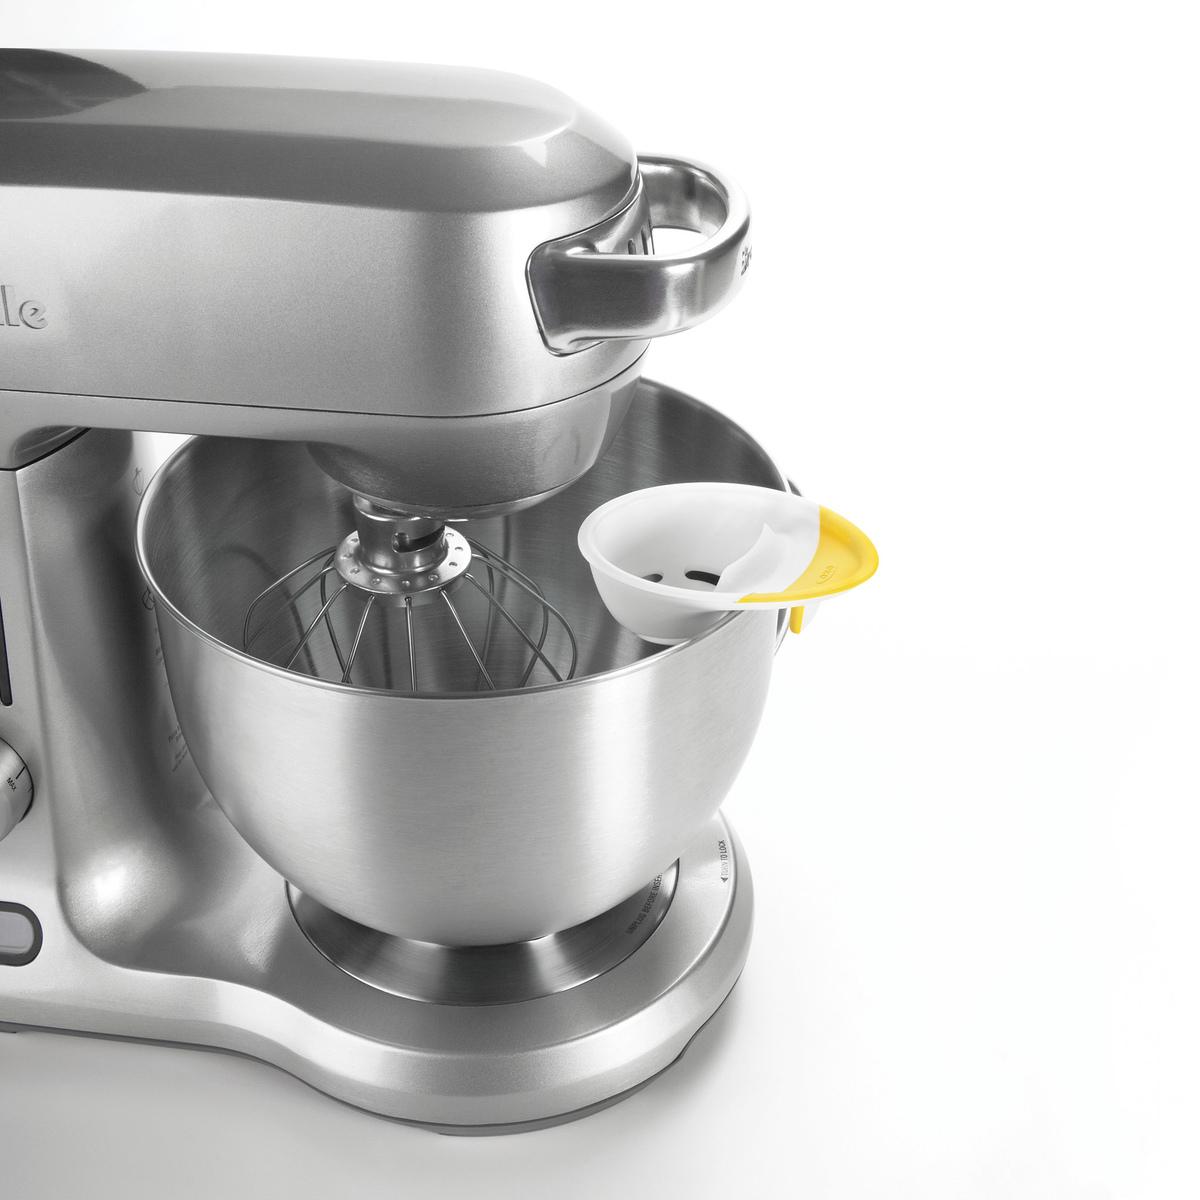 Сепаратор для яиц OXO COOKING UTENSILS, 4х12х22 см, белый OXO 1147780 фото 3